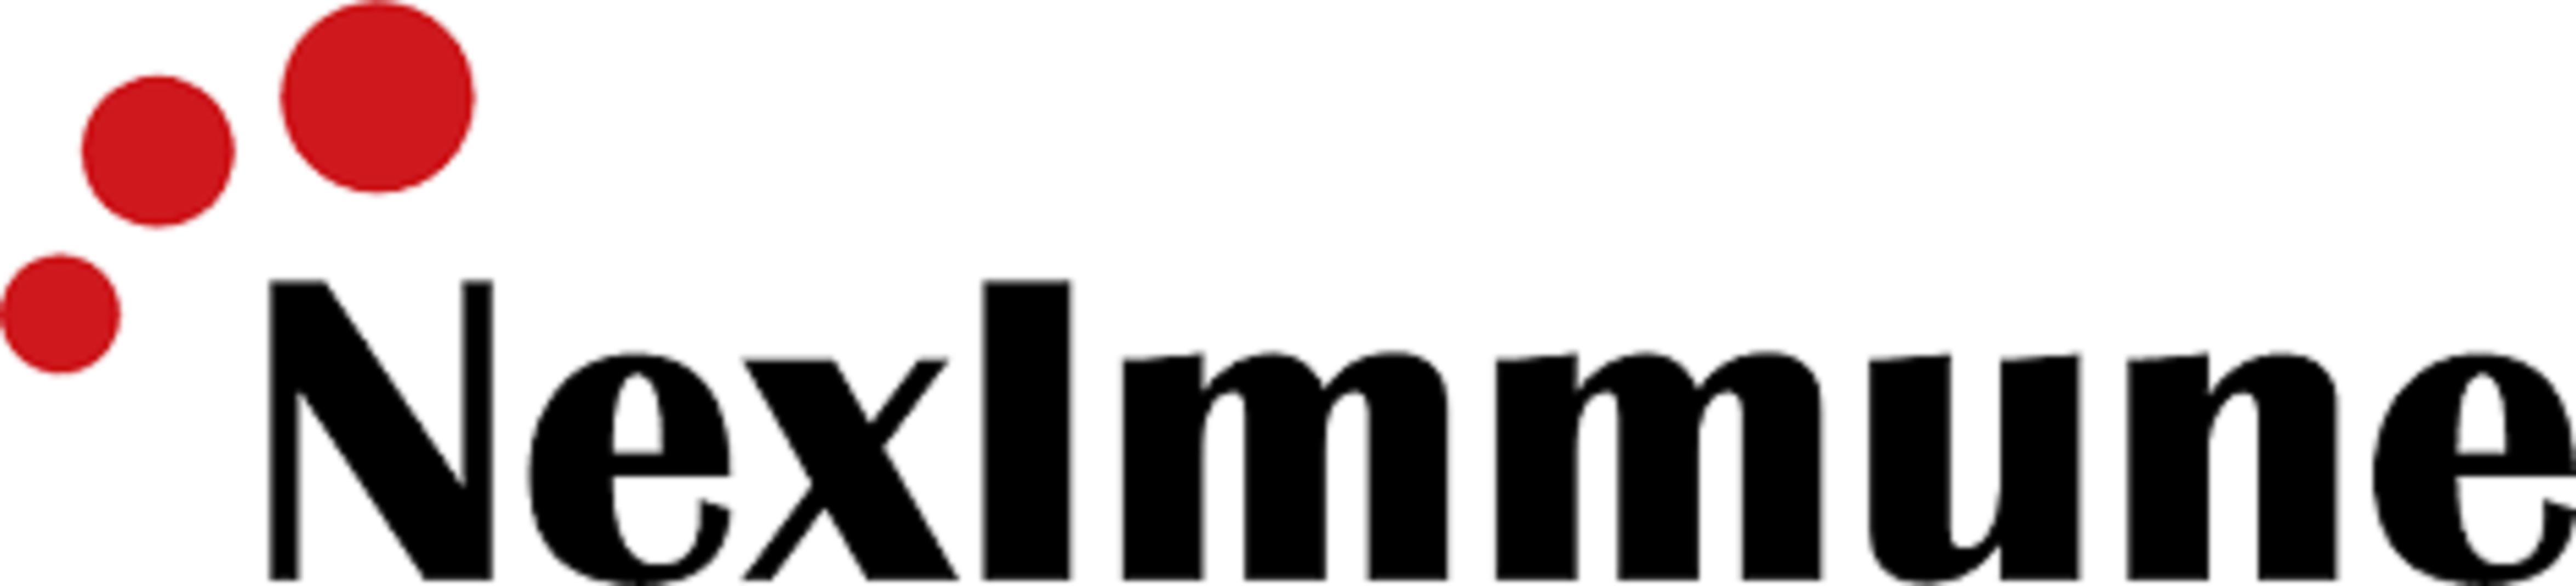 NEXI logo